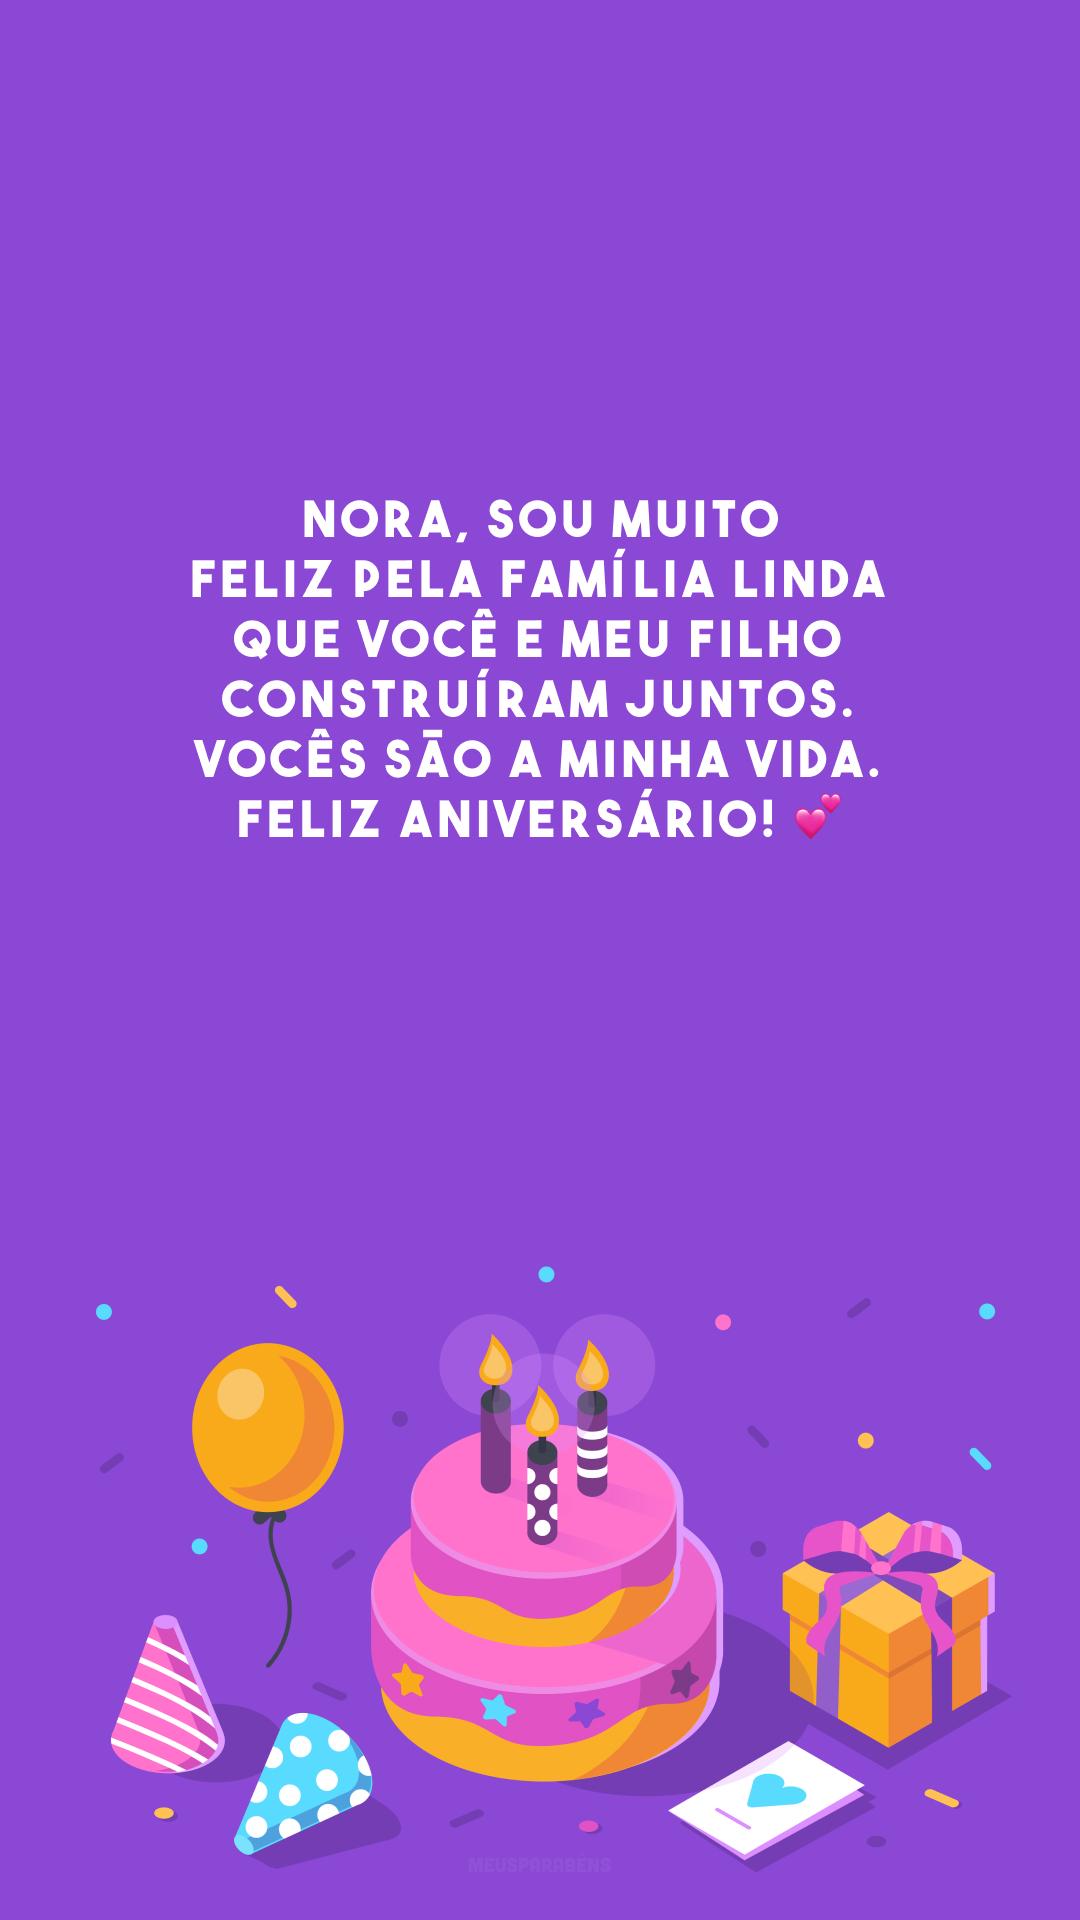 Nora, sou muito feliz pela família linda que você e meu filho construíram juntos. Vocês são a minha vida. Feliz aniversário! 💕